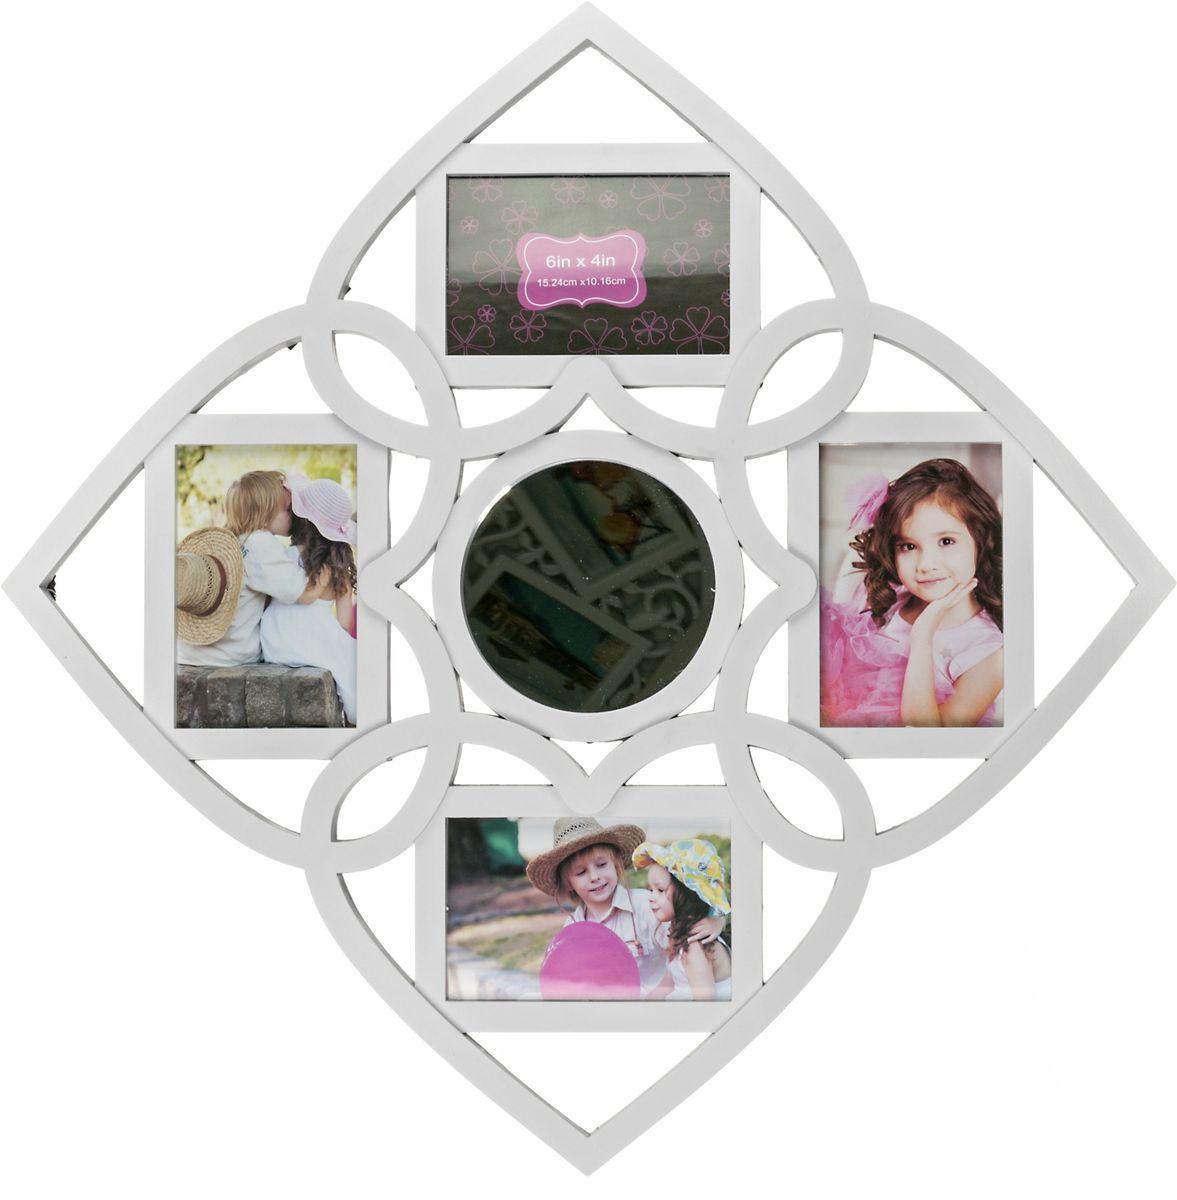 Фоторамка Platinum, с круглым зеркалом, цвет: белый, на 4 фото41619Фоторамка Platinum - прекрасный способ красиво оформить ваши фотографии. Фоторамка выполнена из пластика и защищена стеклом. Фоторамка-коллаж представляет собой четыре фоторамки для фото одного размера оригинально соединенных между собой. В центре фоторамки имеется круглое зеркало. Такая фоторамка поможет сохранить в памяти самые яркие моменты вашей жизни, а стильный дизайн сделает ее прекрасным дополнением интерьера комнаты. Фоторамка подходит для фотографий 10 х 15 см.Общий размер фоторамки: 59 х 59 см.